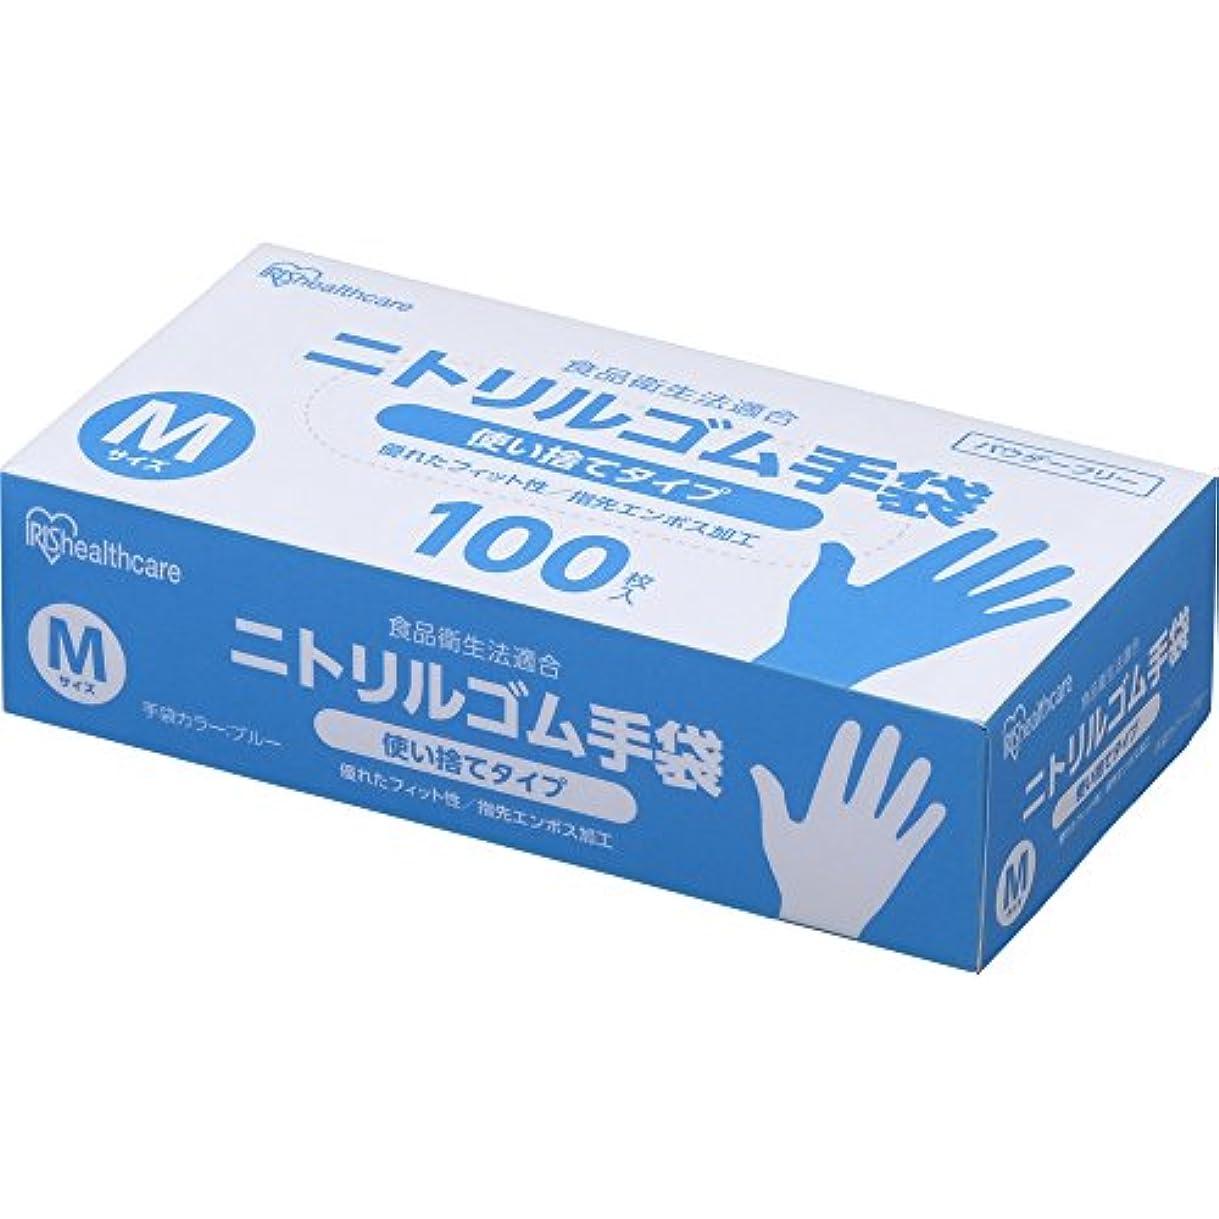 どんなときもポテトブランドアイリスオーヤマ 使い捨て手袋 ブルー ニトリルゴム 100枚 Mサイズ 業務用